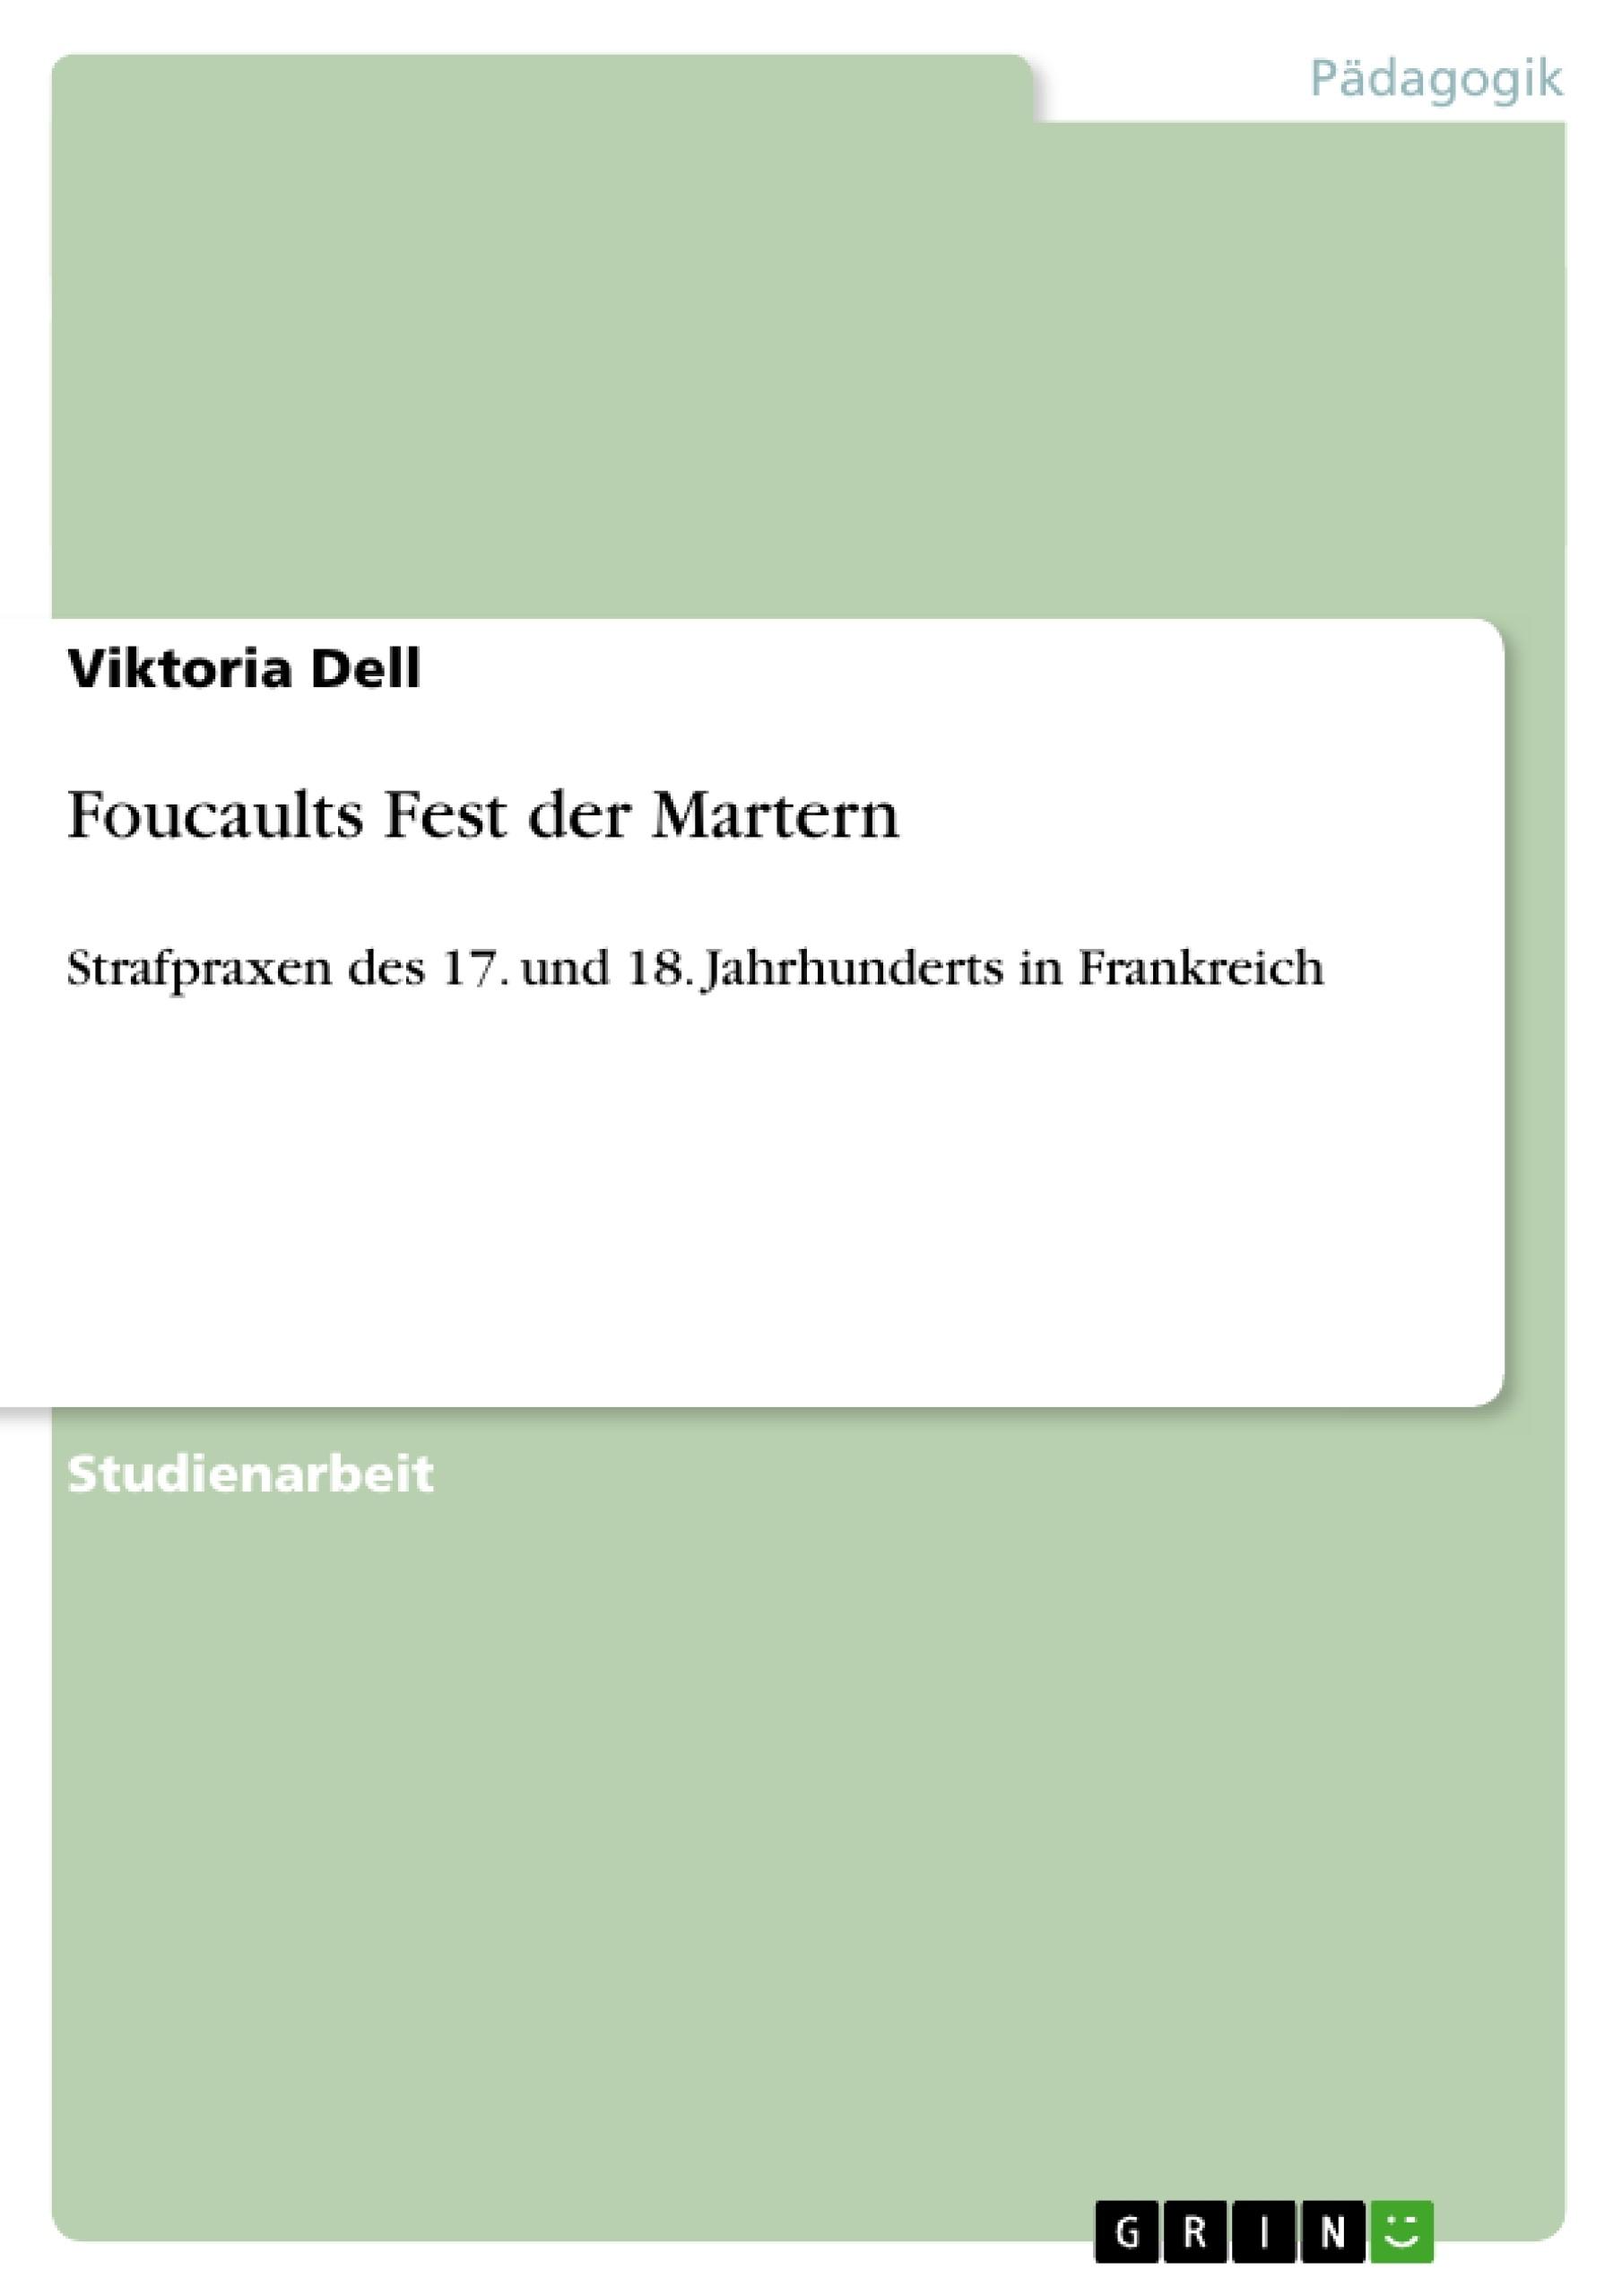 """foucault essay on nietzsche Nietzsche's genealogy of morals and more recently michel foucault's disci-   nietzsche, genealogy, morality: essays on nietzsche's """"genealogy of morals""""."""